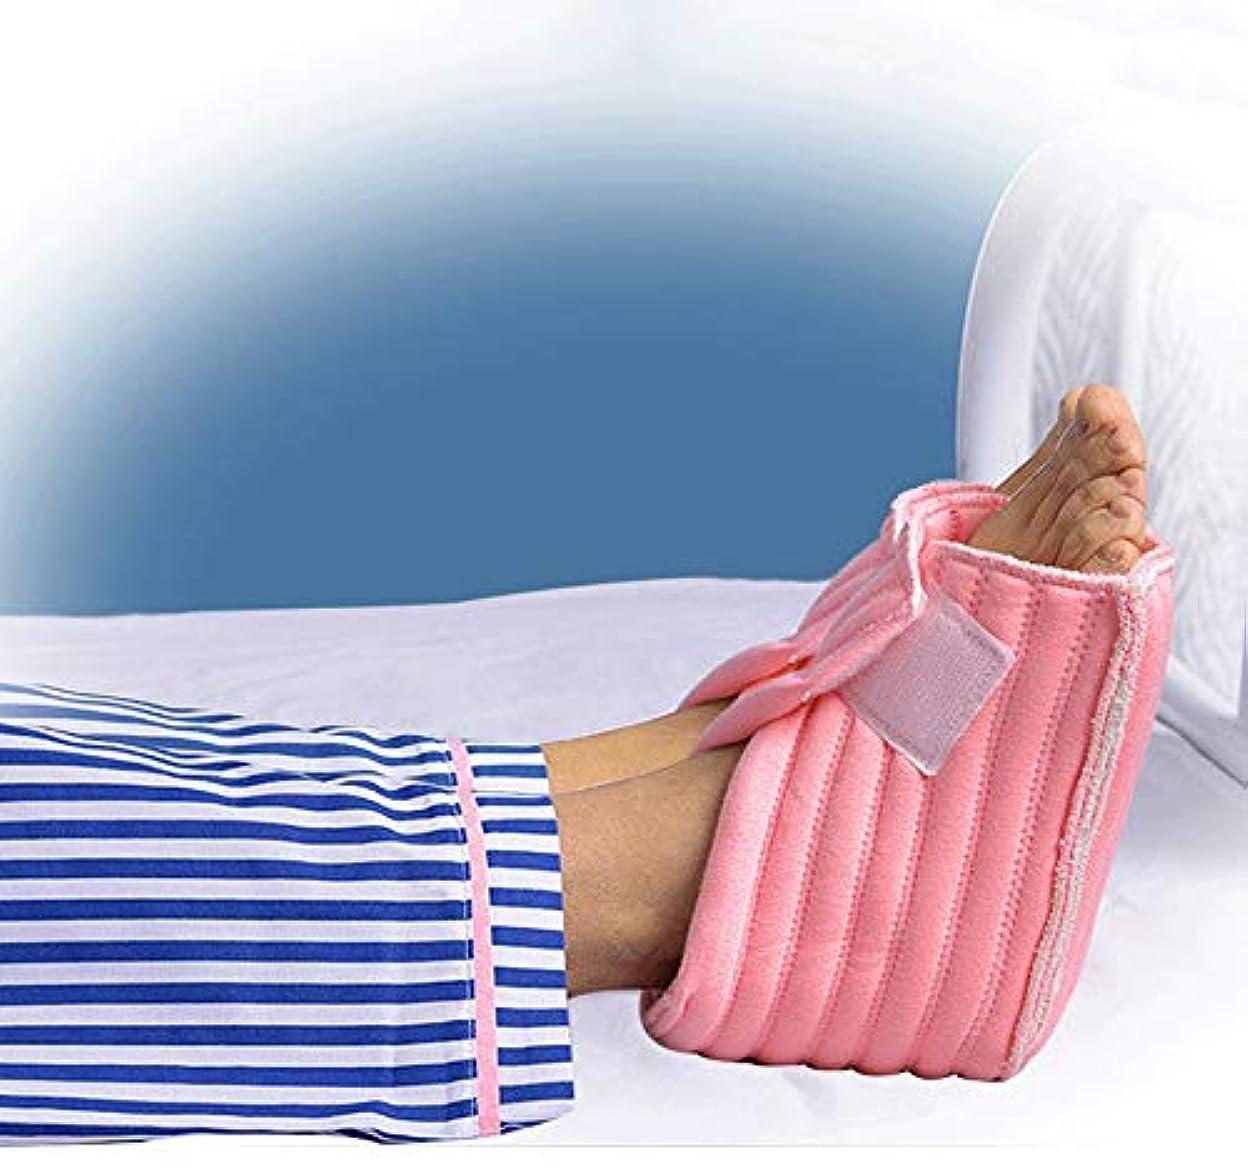 丁寧脅かすバットかかとプロテクター枕、Pressure瘡の予防のための足枕かかとクッションプロテクター、高齢者の足補正カバー-ワンサイズフィットすべて-1ペア